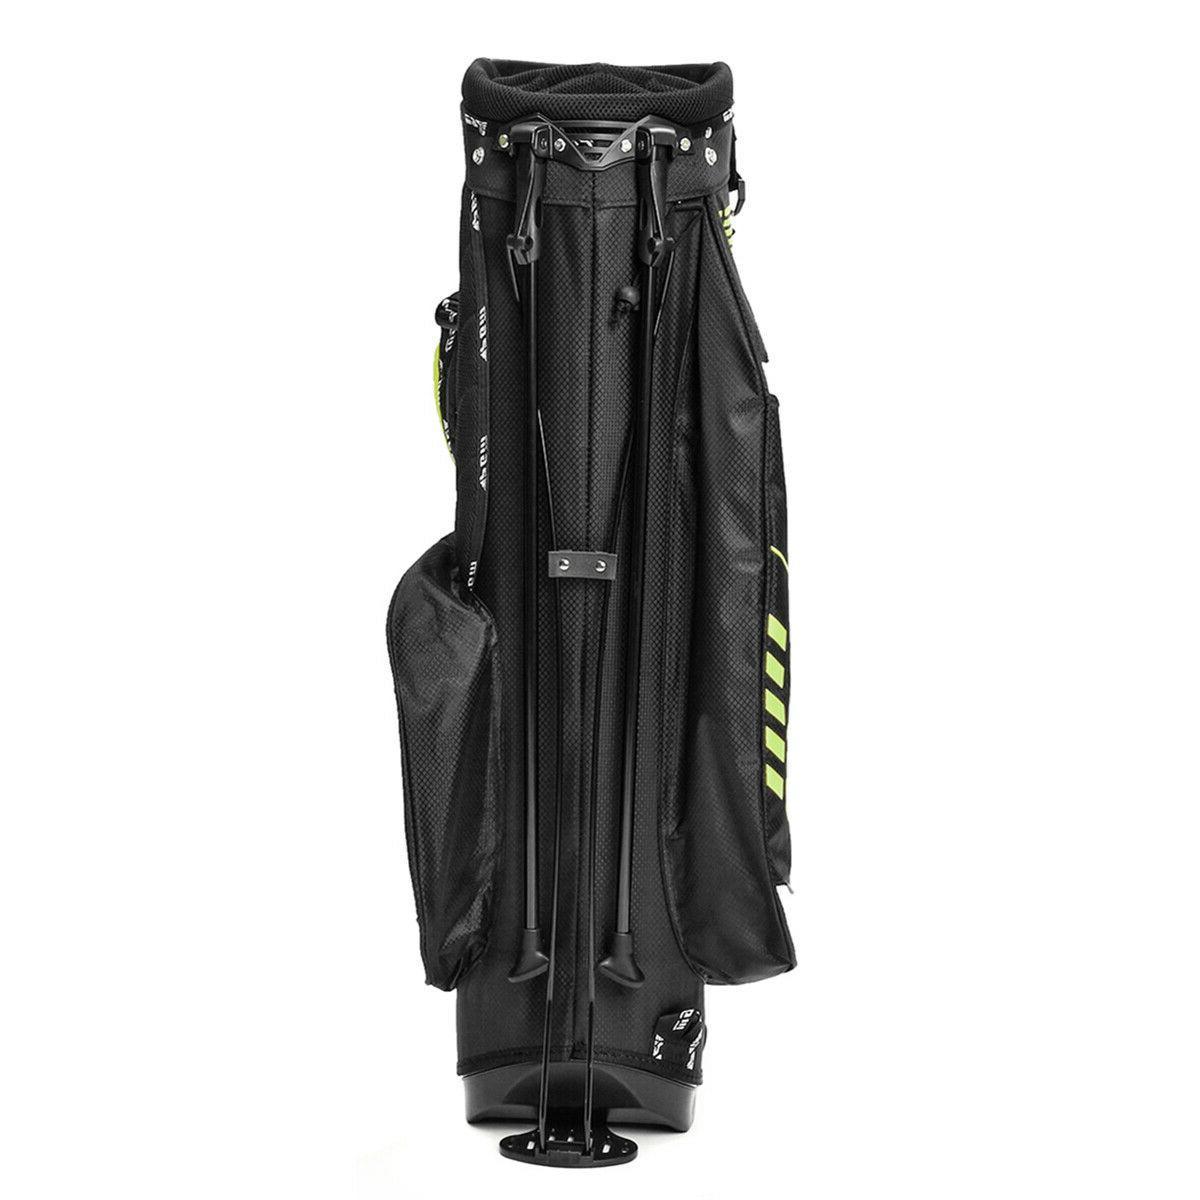 14 Full Length Divider Golf Cart Multi Pockets 3